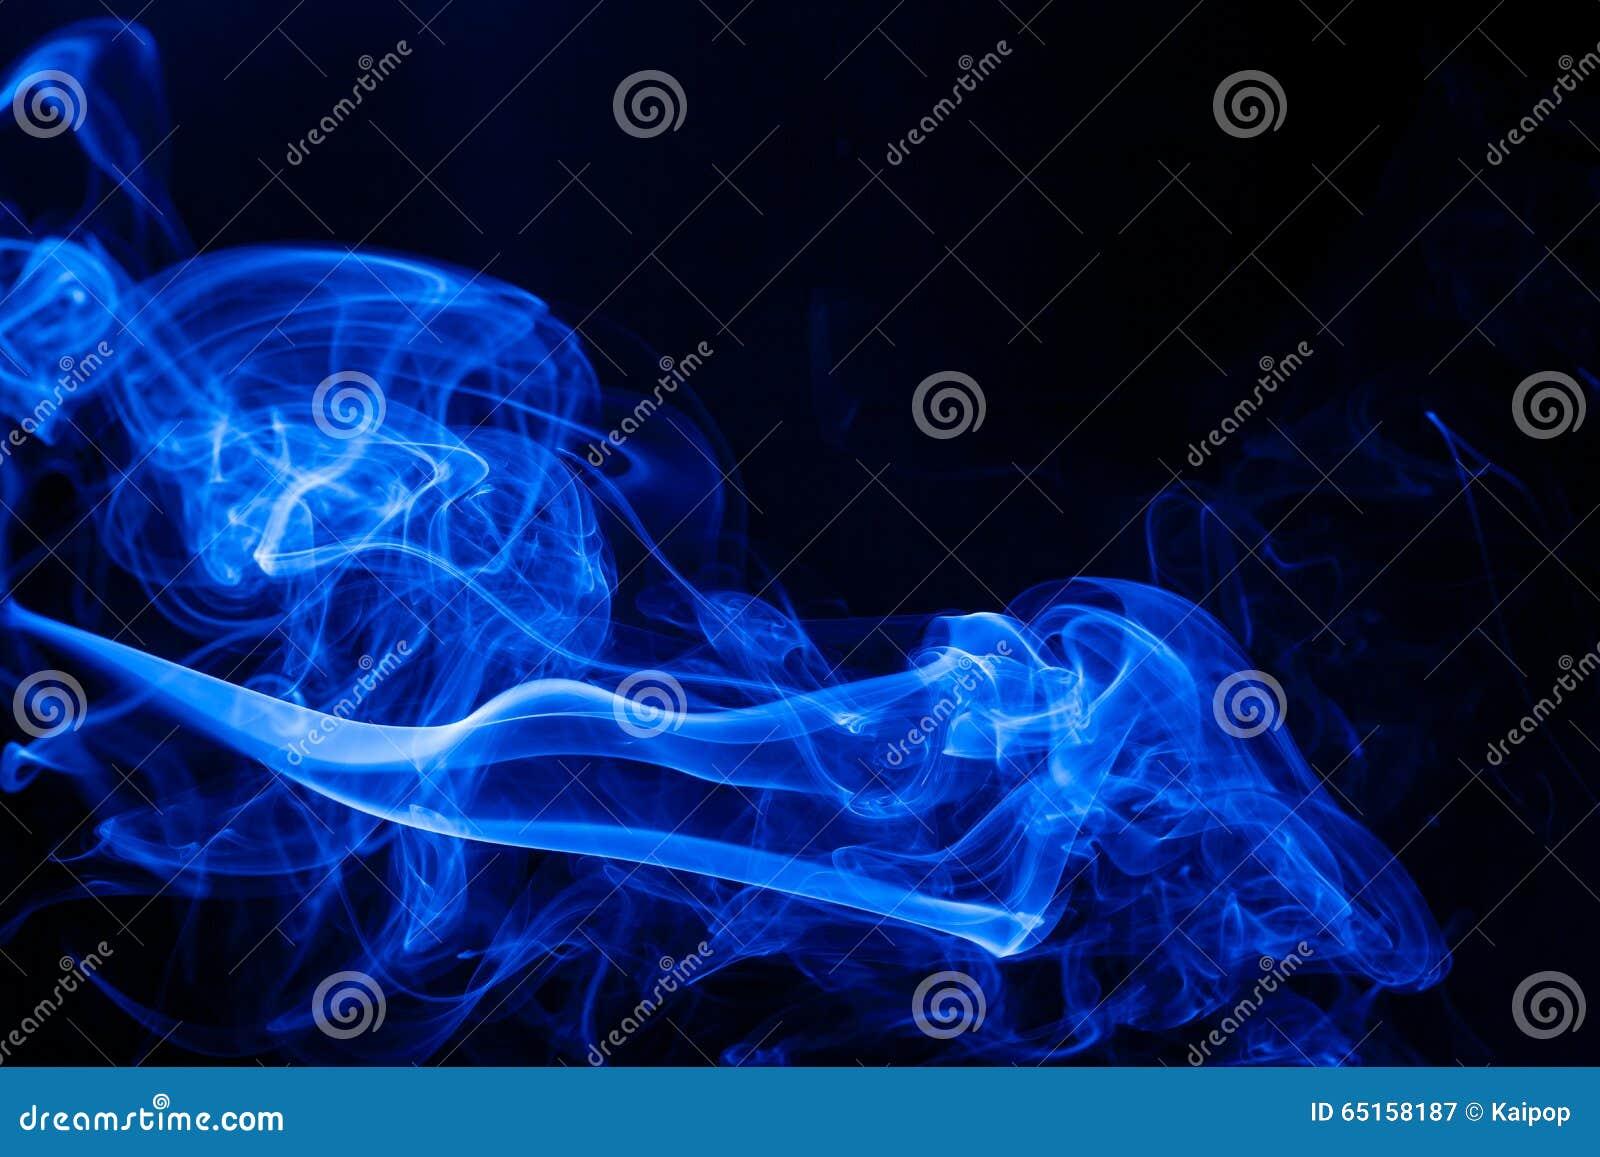 Movement blue smoke